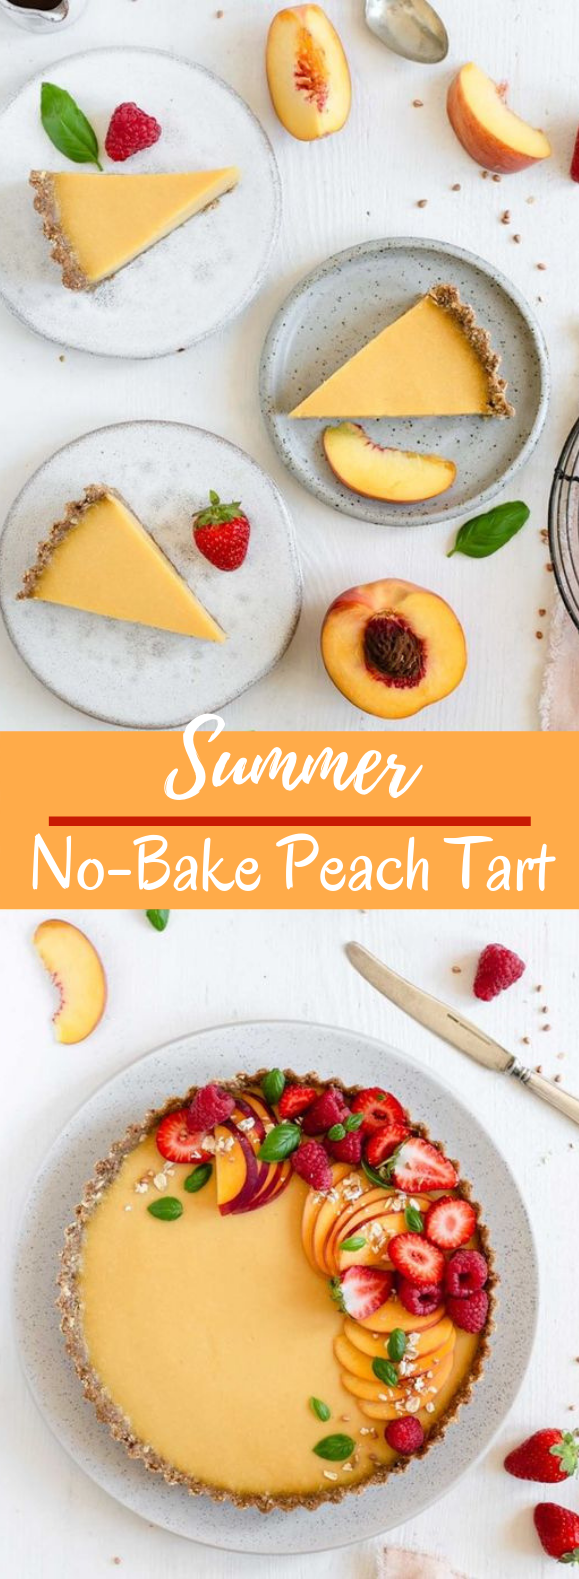 Summer Peach Tart #desserts #nobake